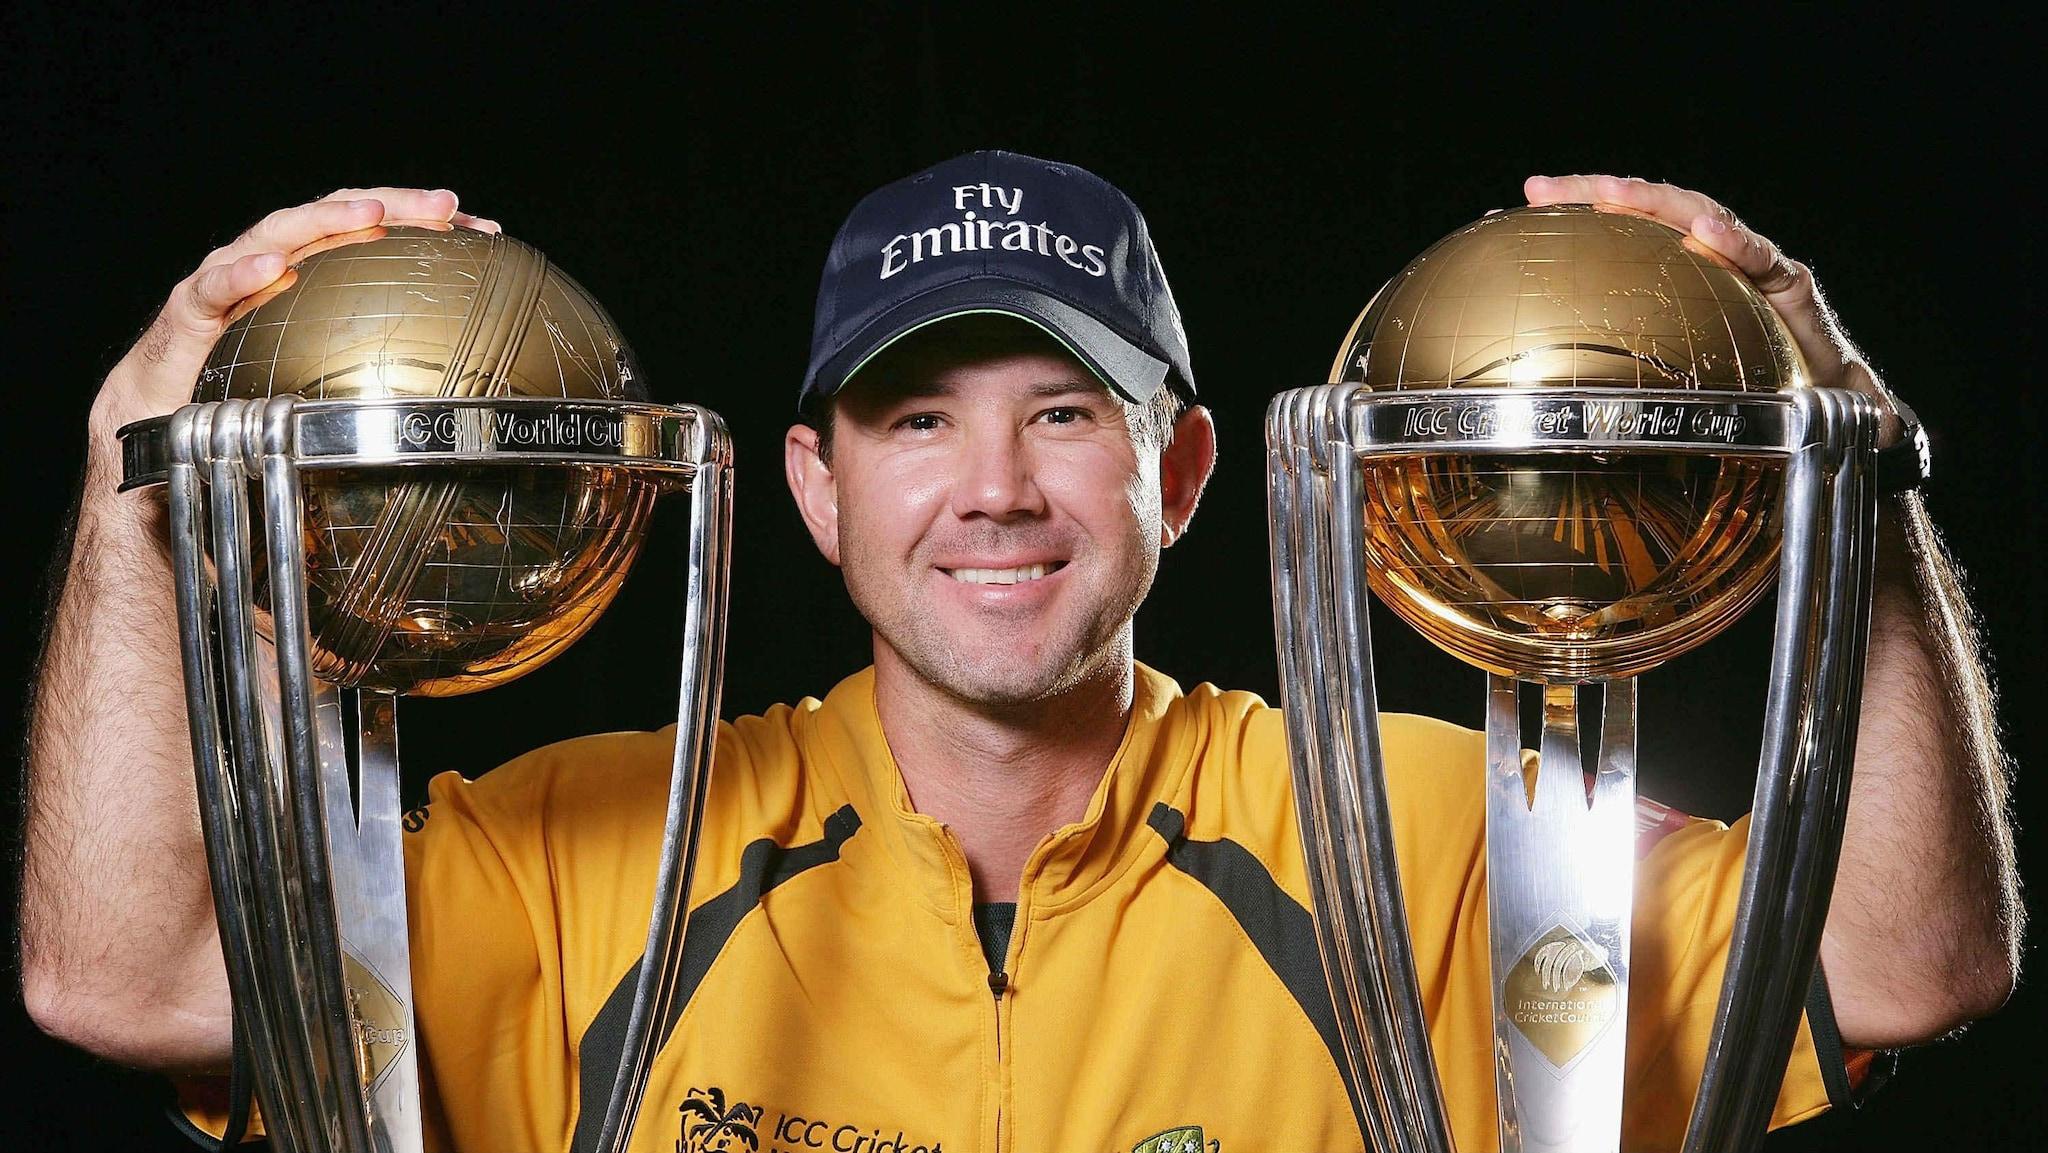 सलग 3 वर्ल्ड कप जिंकण्याचा विक्रम ऑस्ट्रेलियाच्या नावावर आहे. त्याशिवाय सर्वाधिक 5 वर्ल्ड कपही त्यांनी जिंकले आहेत.